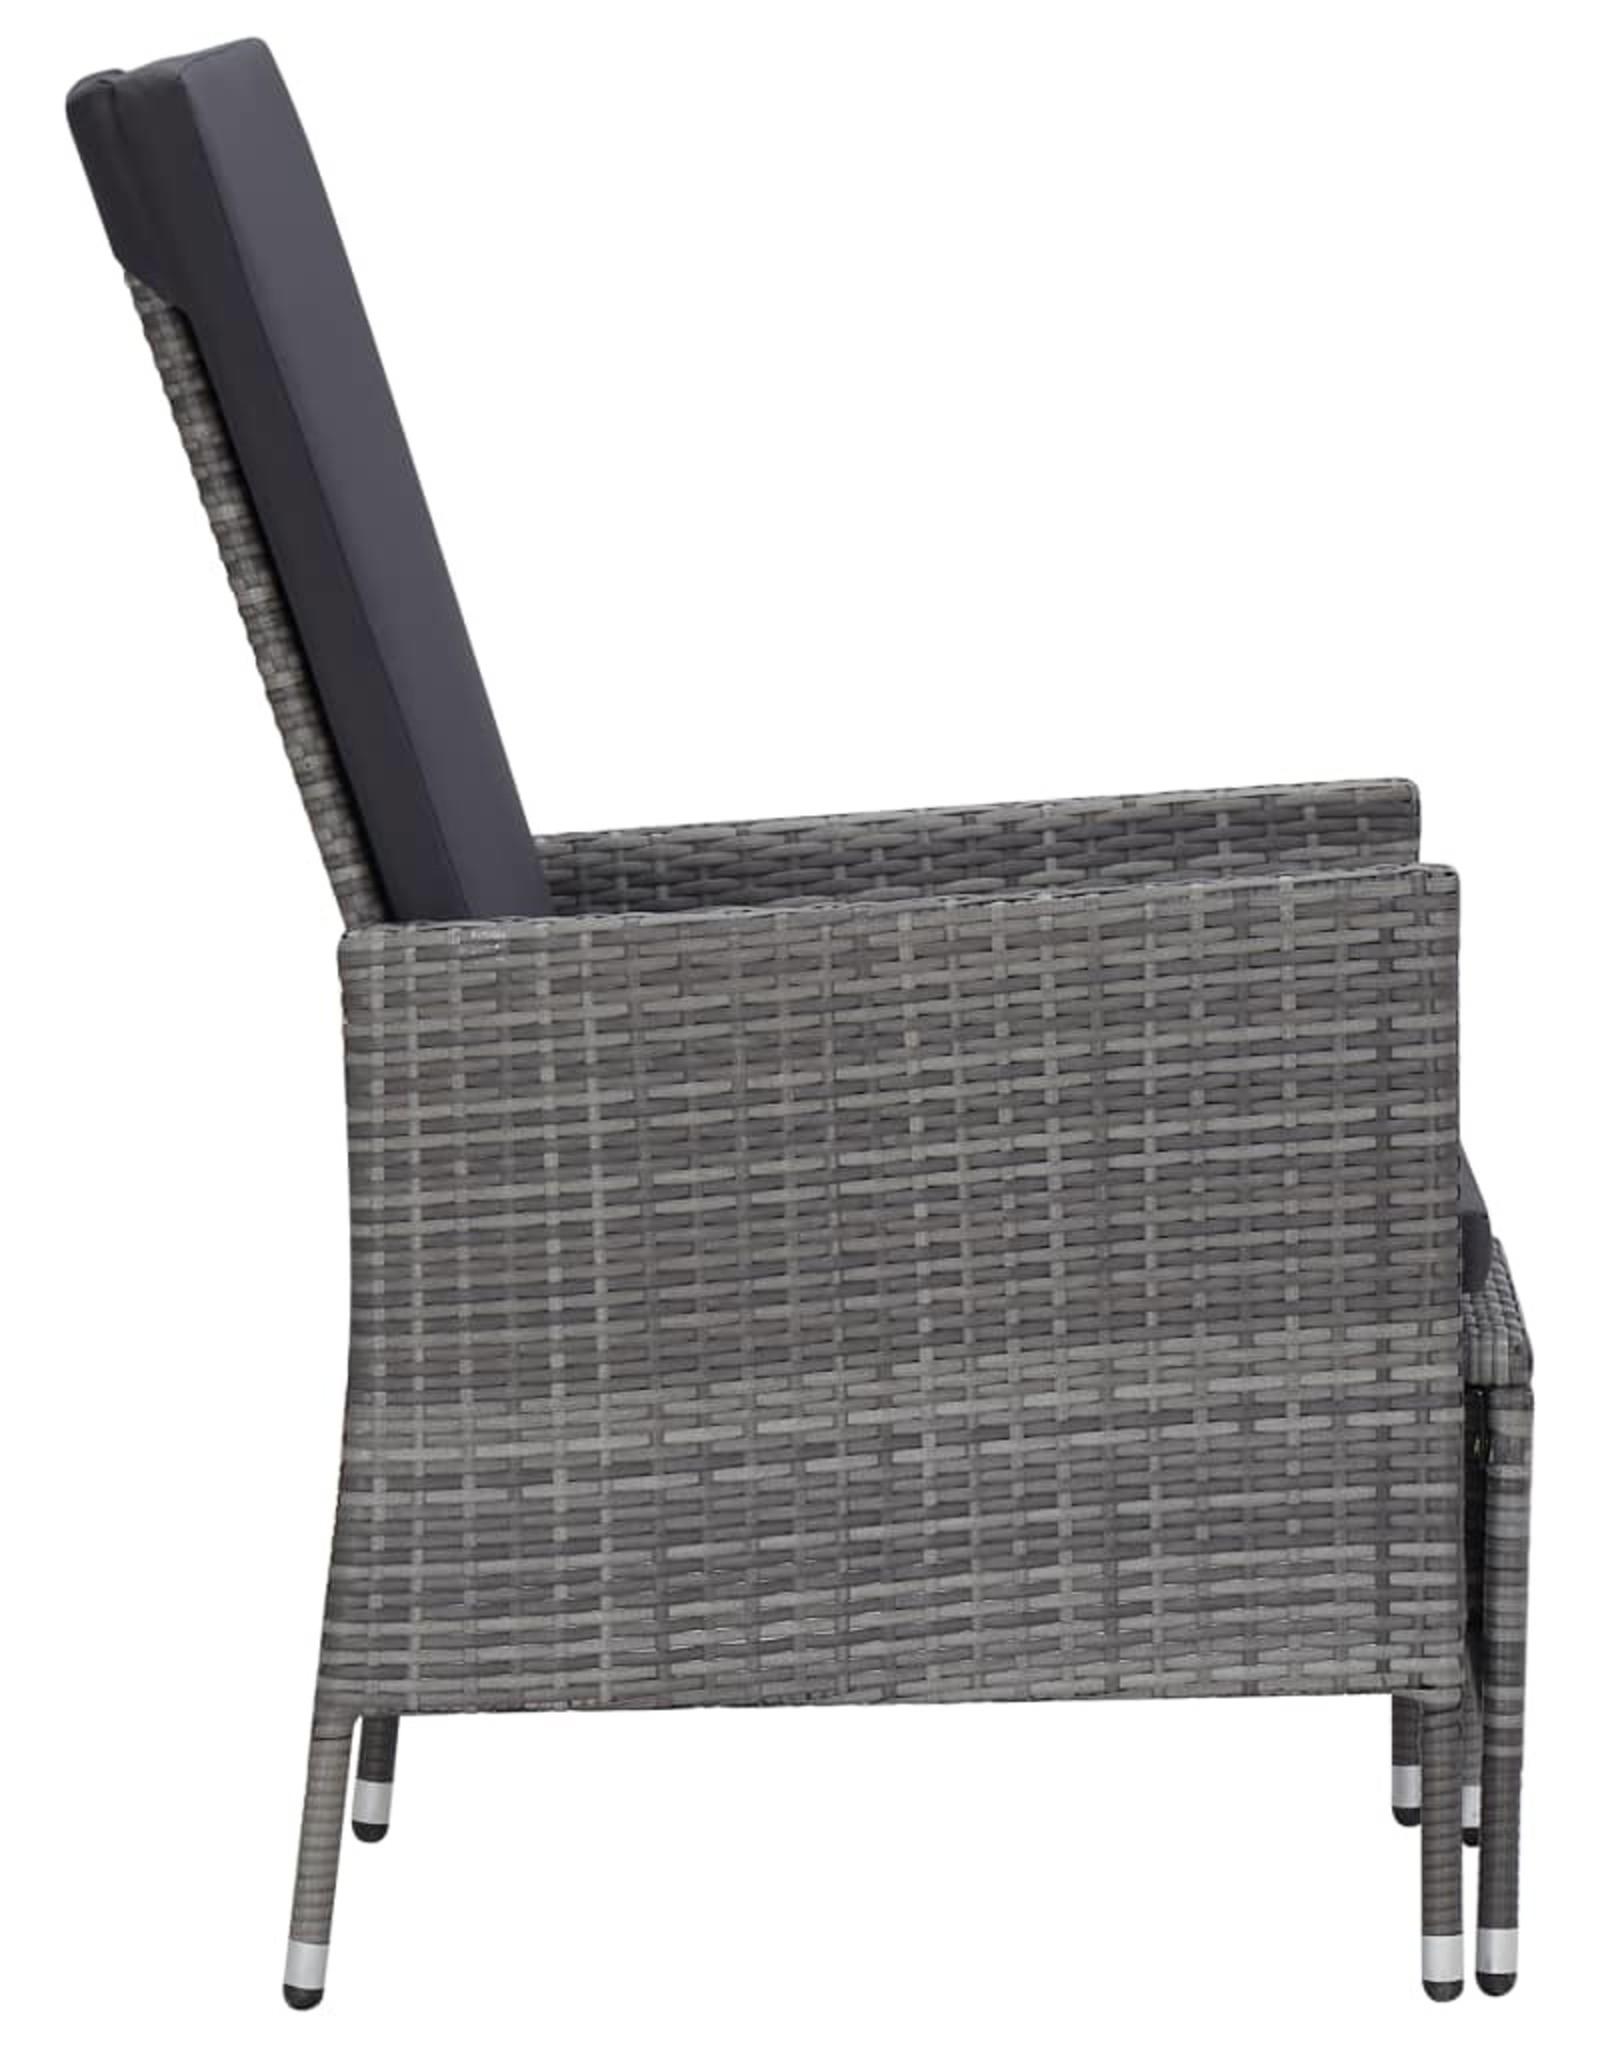 2-delige Loungeset met kussens poly rattan grijs